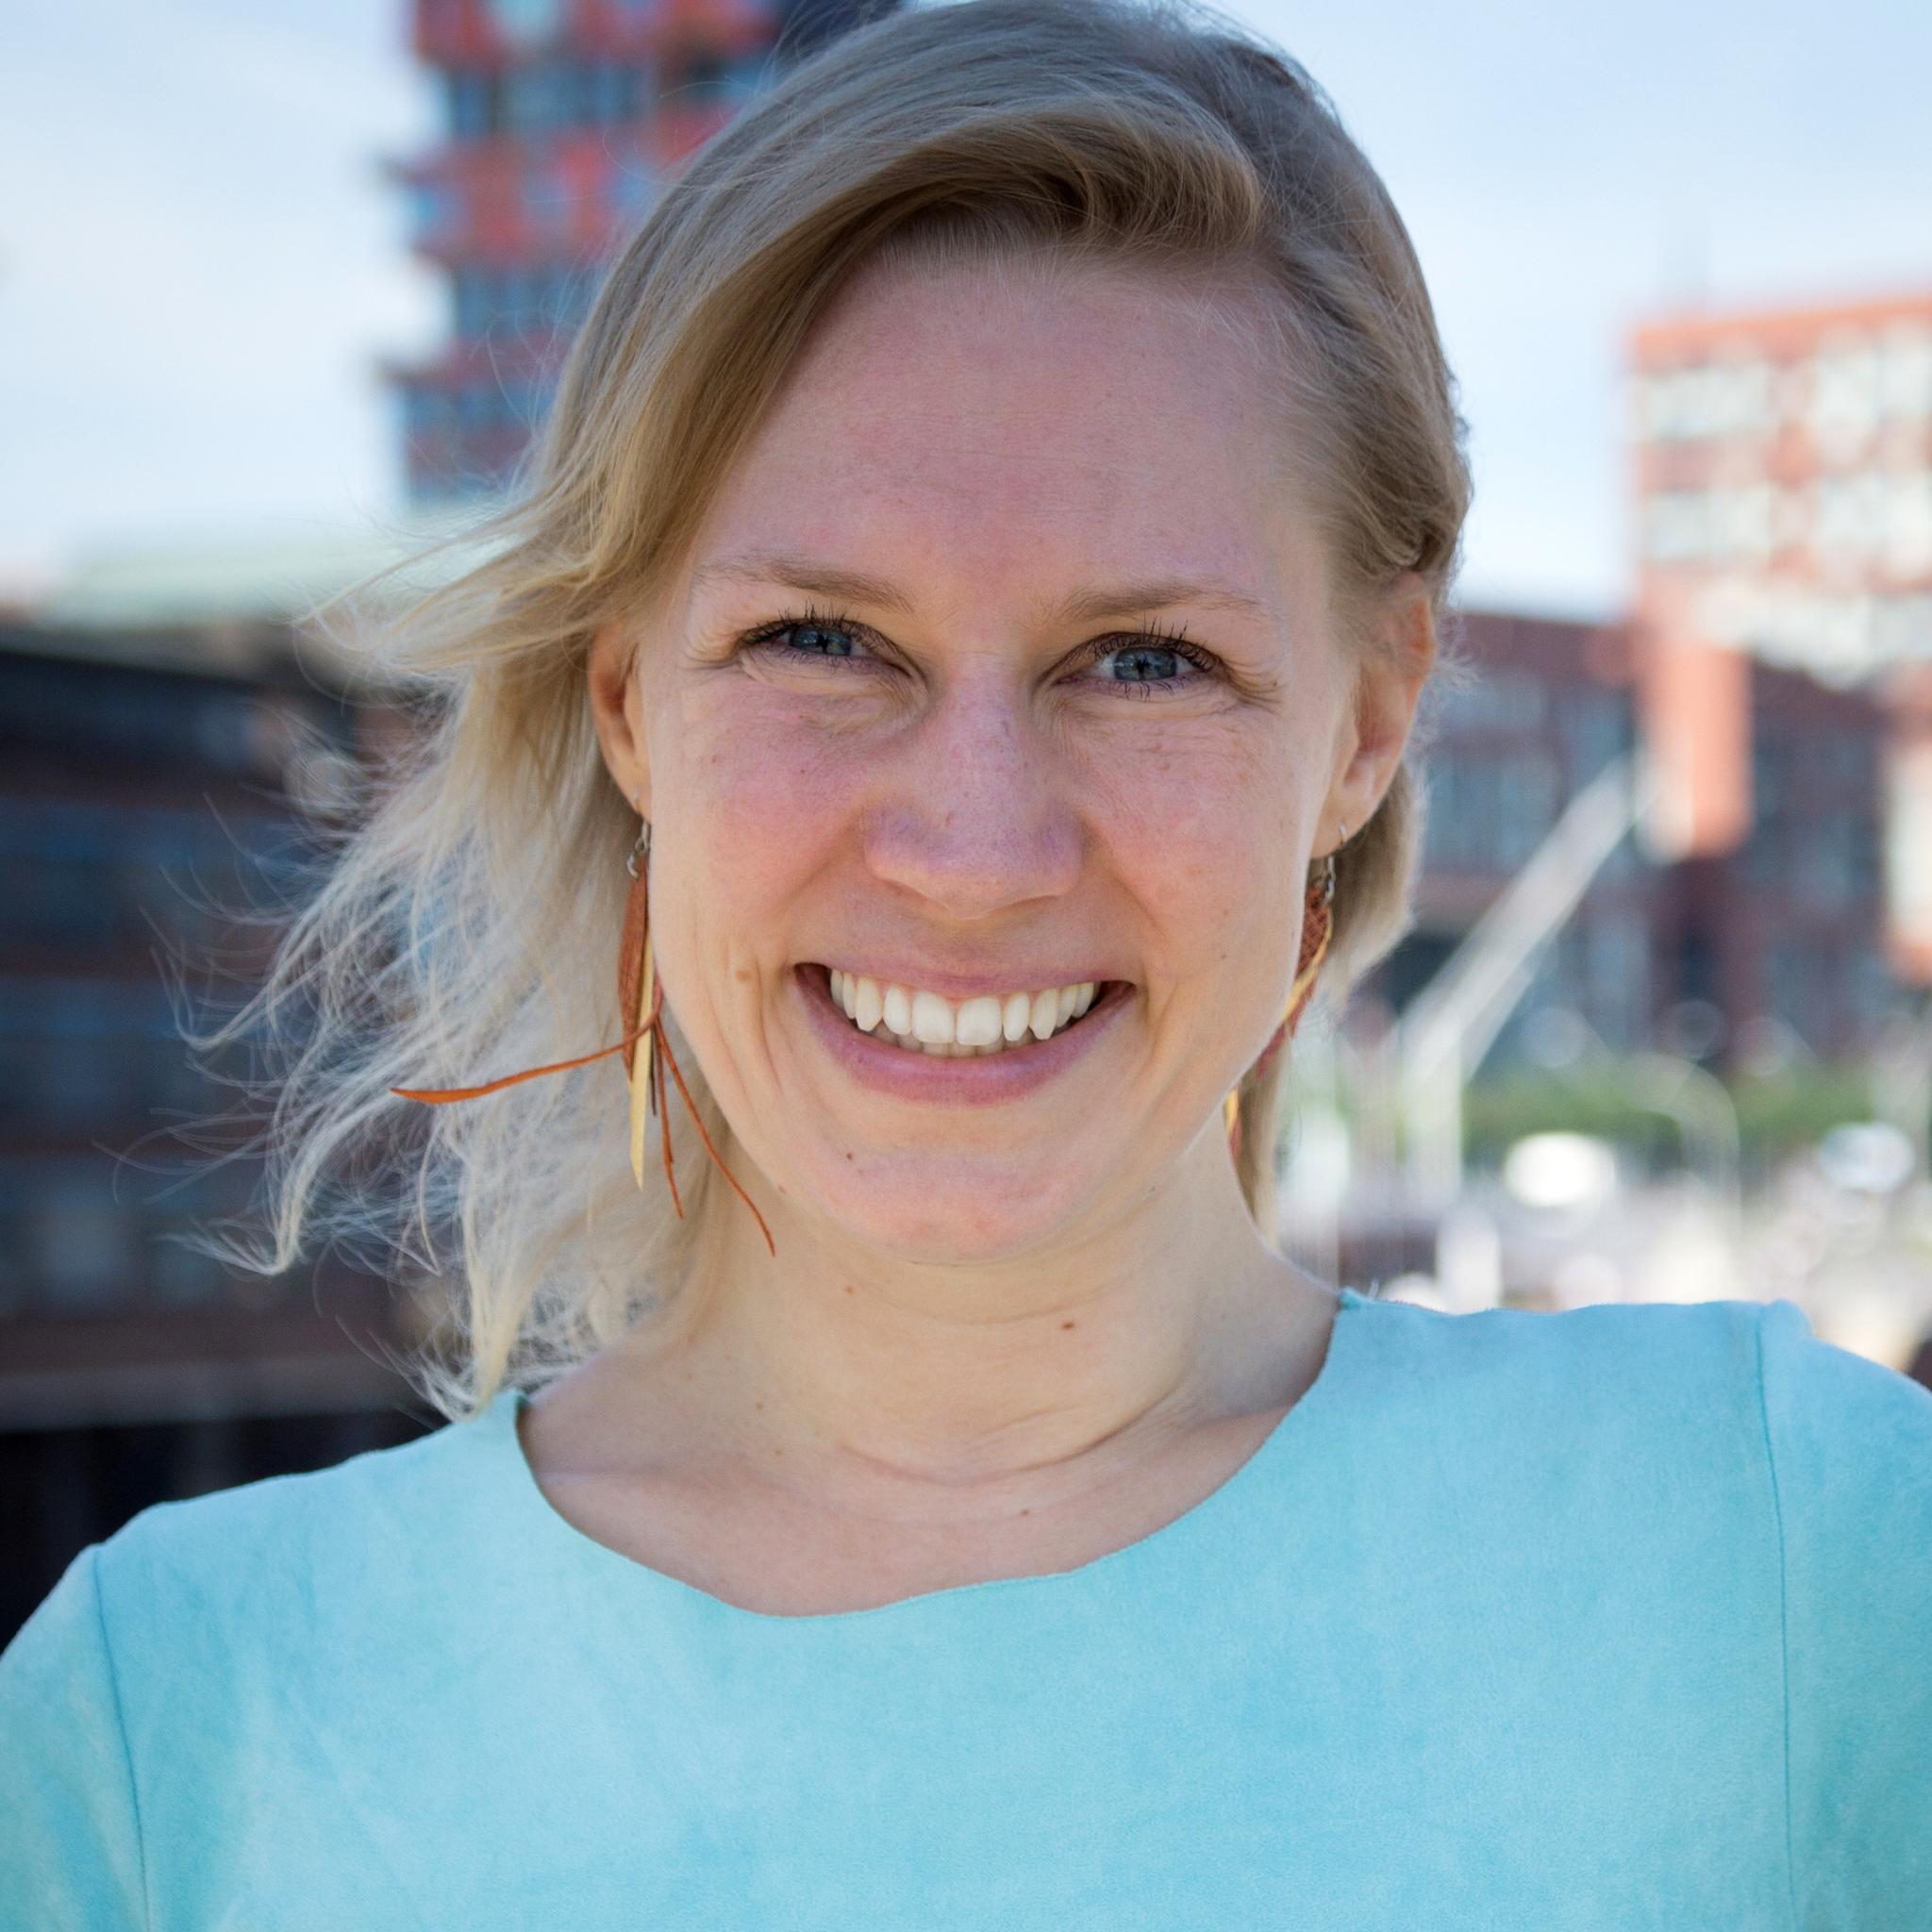 """Ann-Kristin Umlauf - Hamburg & München""""Mindful Blogging bedeutet für mich, eine harmonische Symbiose zu kreieren und zu leben aus 'Ich zeige mich authentisch und echt und bringe meine Botschaft raus in die Welt' und 'Ich achte auf mich und meine Balance, damit ich aus Fülle heraus erschaffen und geben kann.'"""